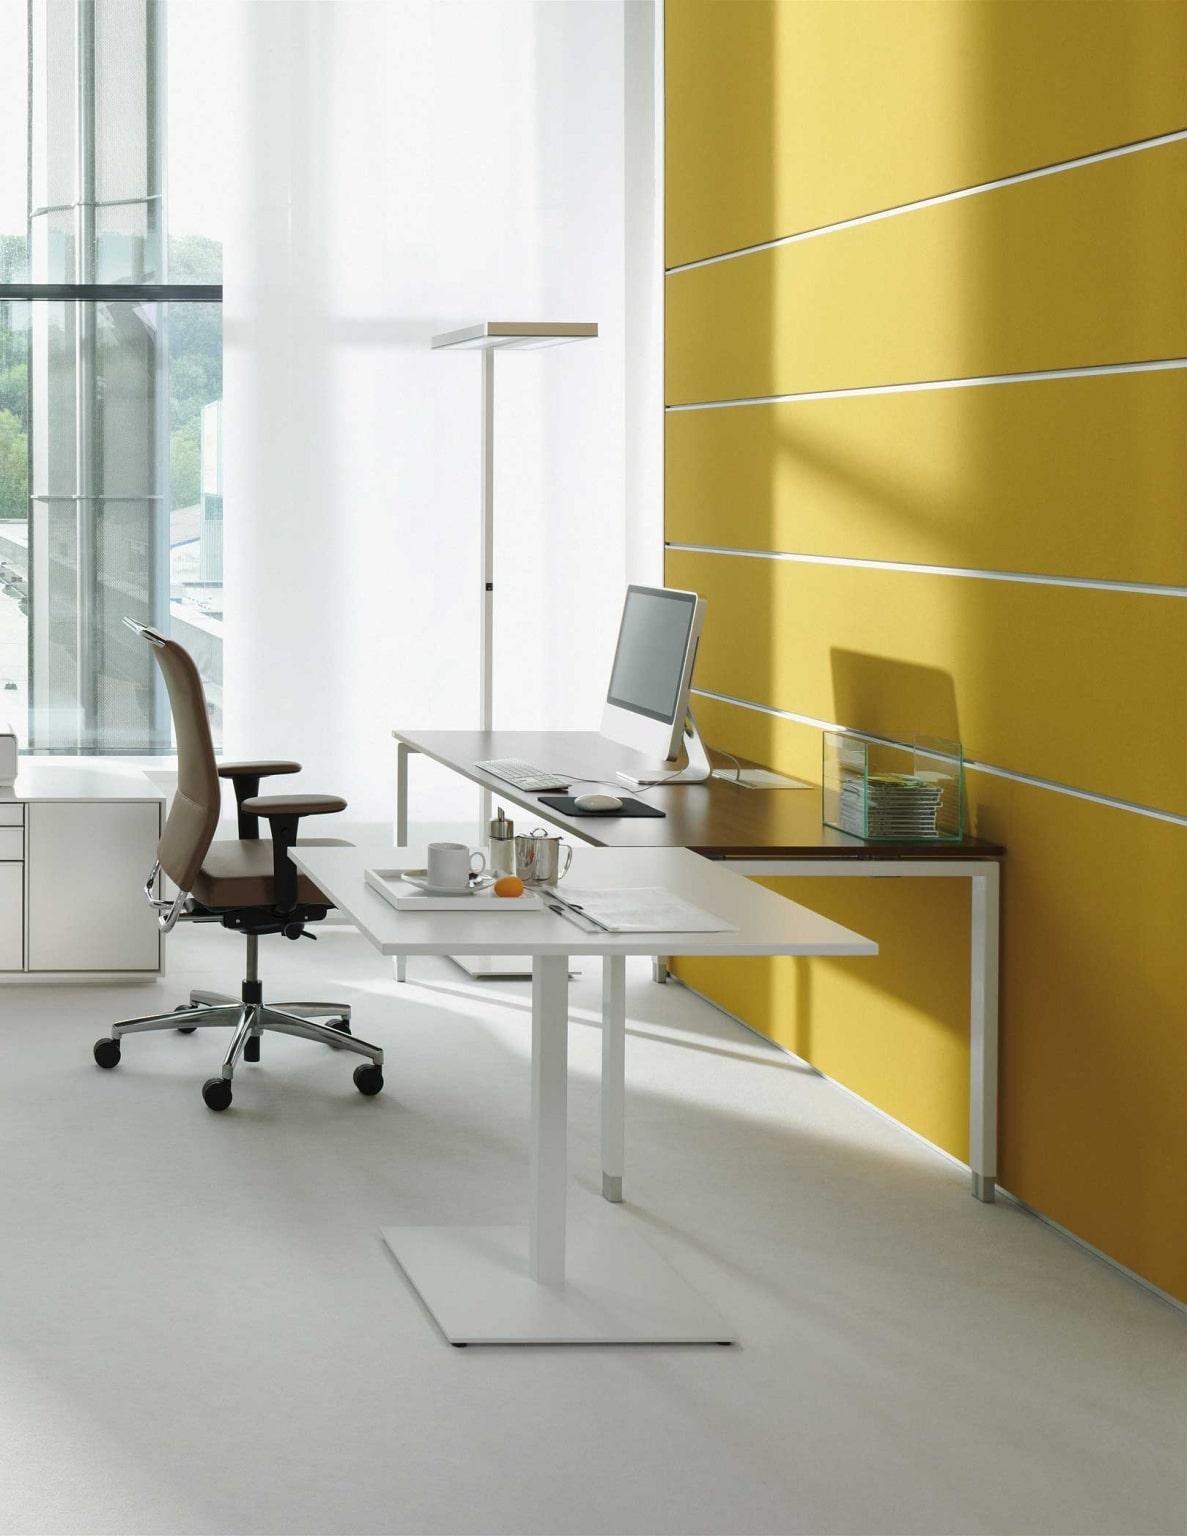 Einzelarbeitsplatz ausgestattet mit s421 Rechtecktisch von hali sowie Drehstuhl, Beleuchtung und gelber Akustikwand.